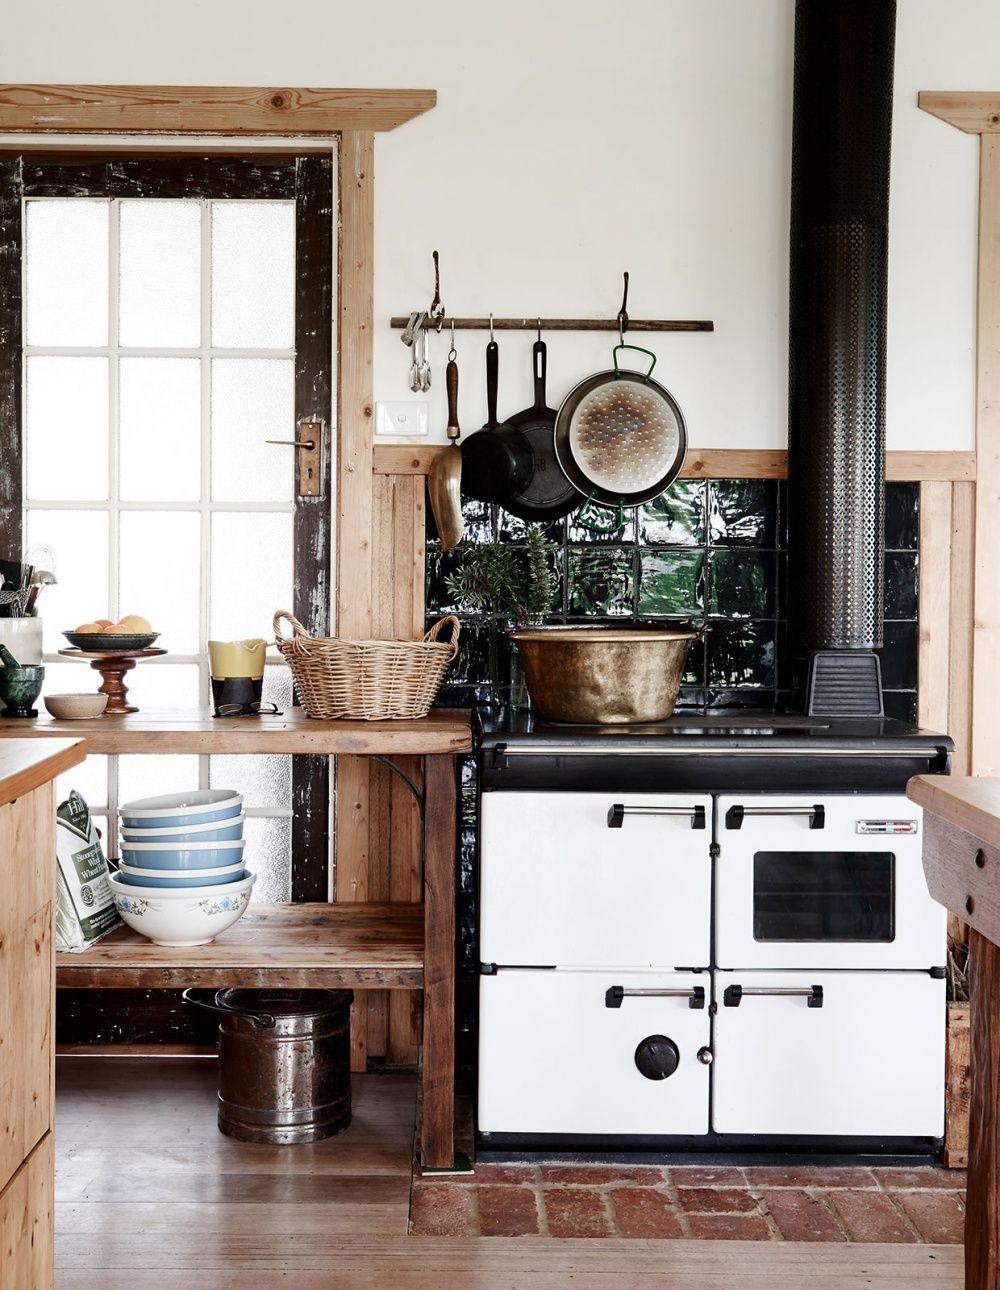 Une cuisine non am nag e maison quarante rustic kitchen kitchen interior country kitchen - Cuisine non amenagee ...